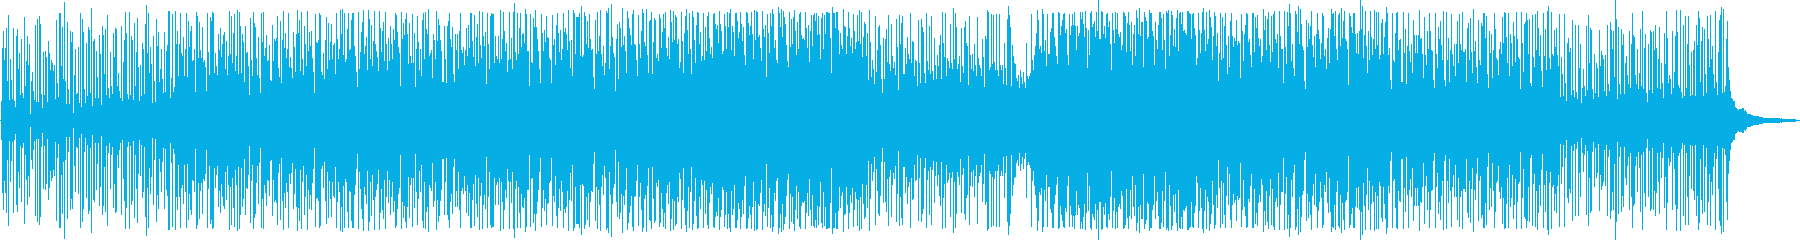 企業VP・CM 前向きなフォークアコギの再生済みの波形